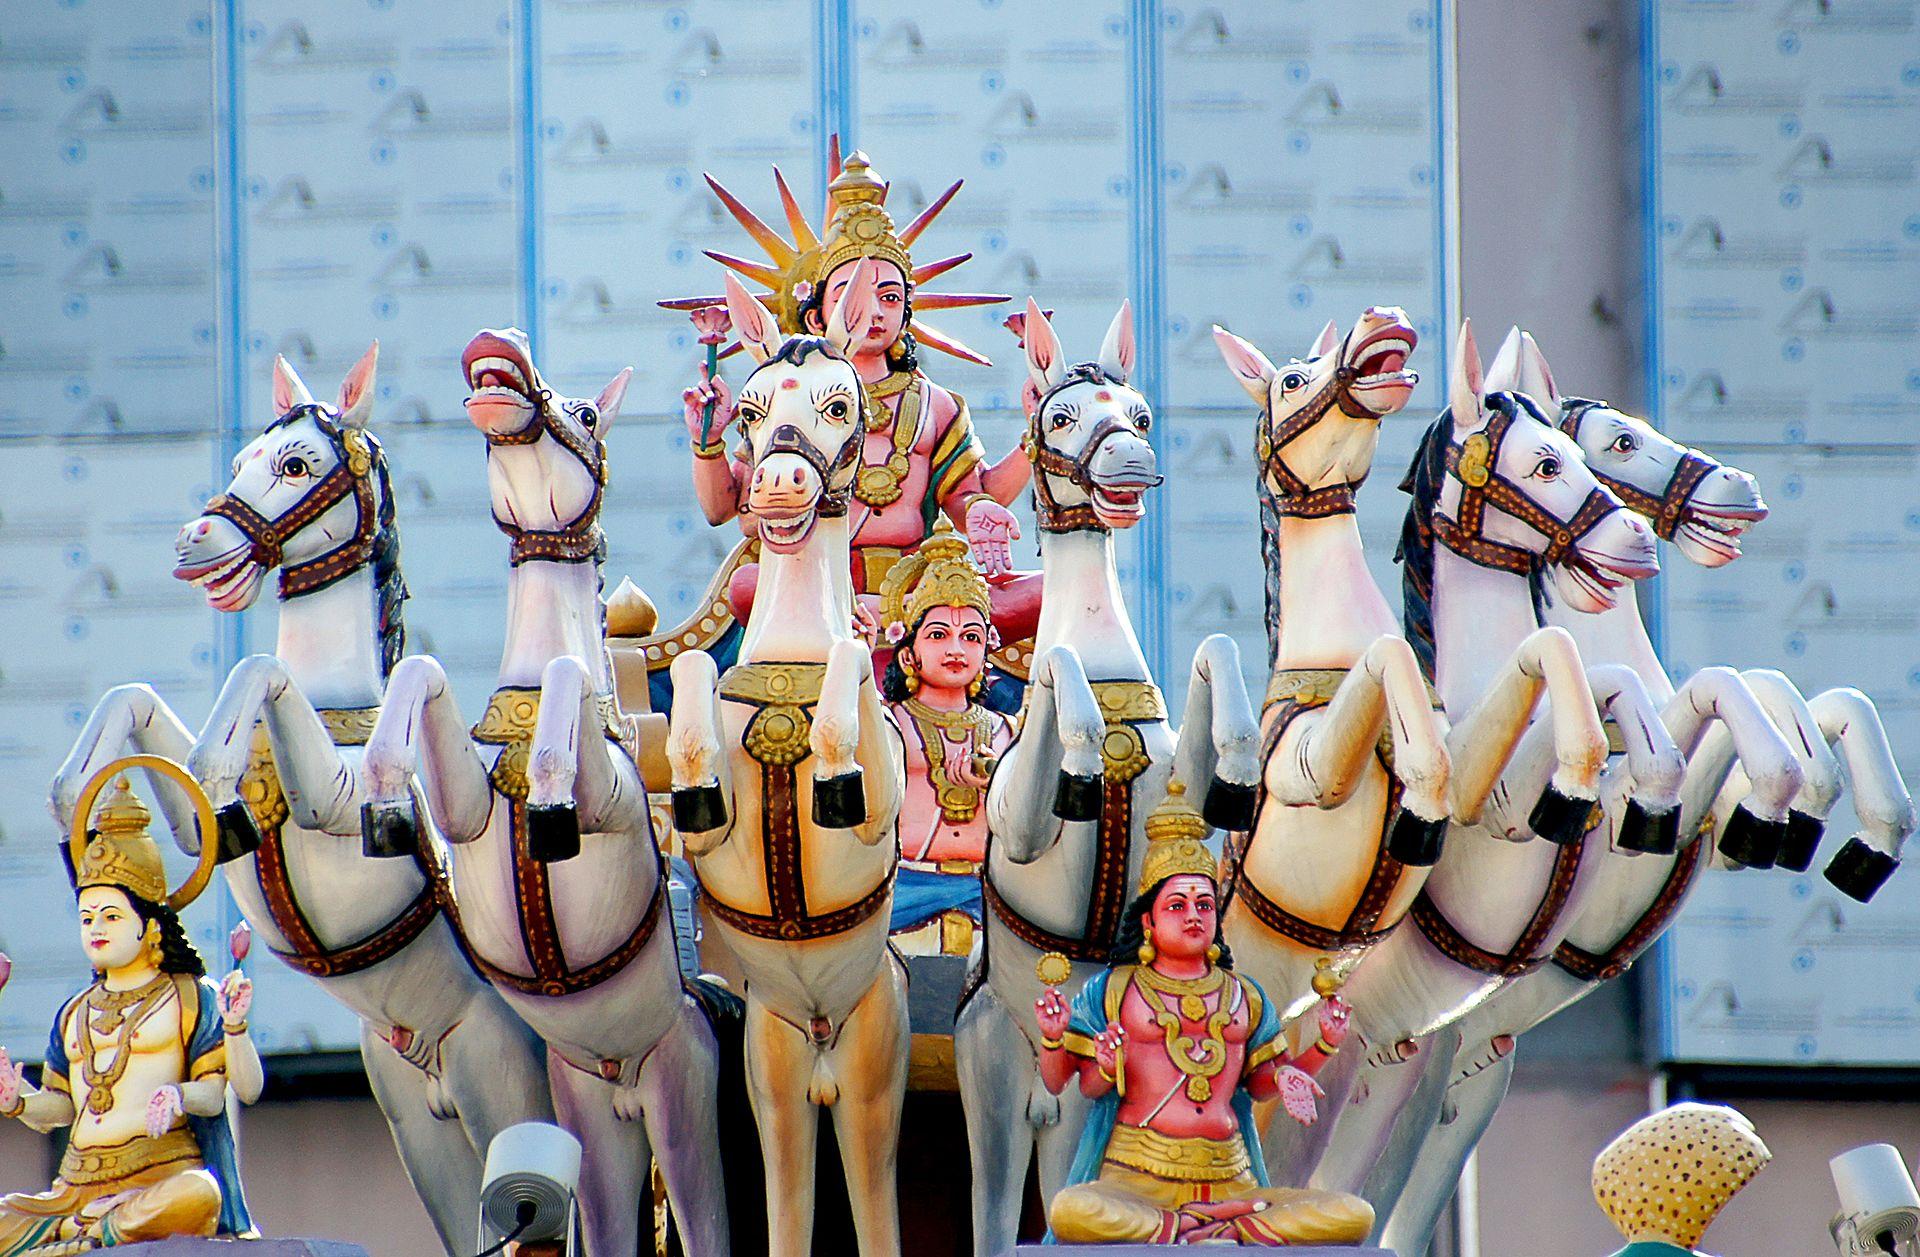 The Hindu Sun God Surya with 7 Horses